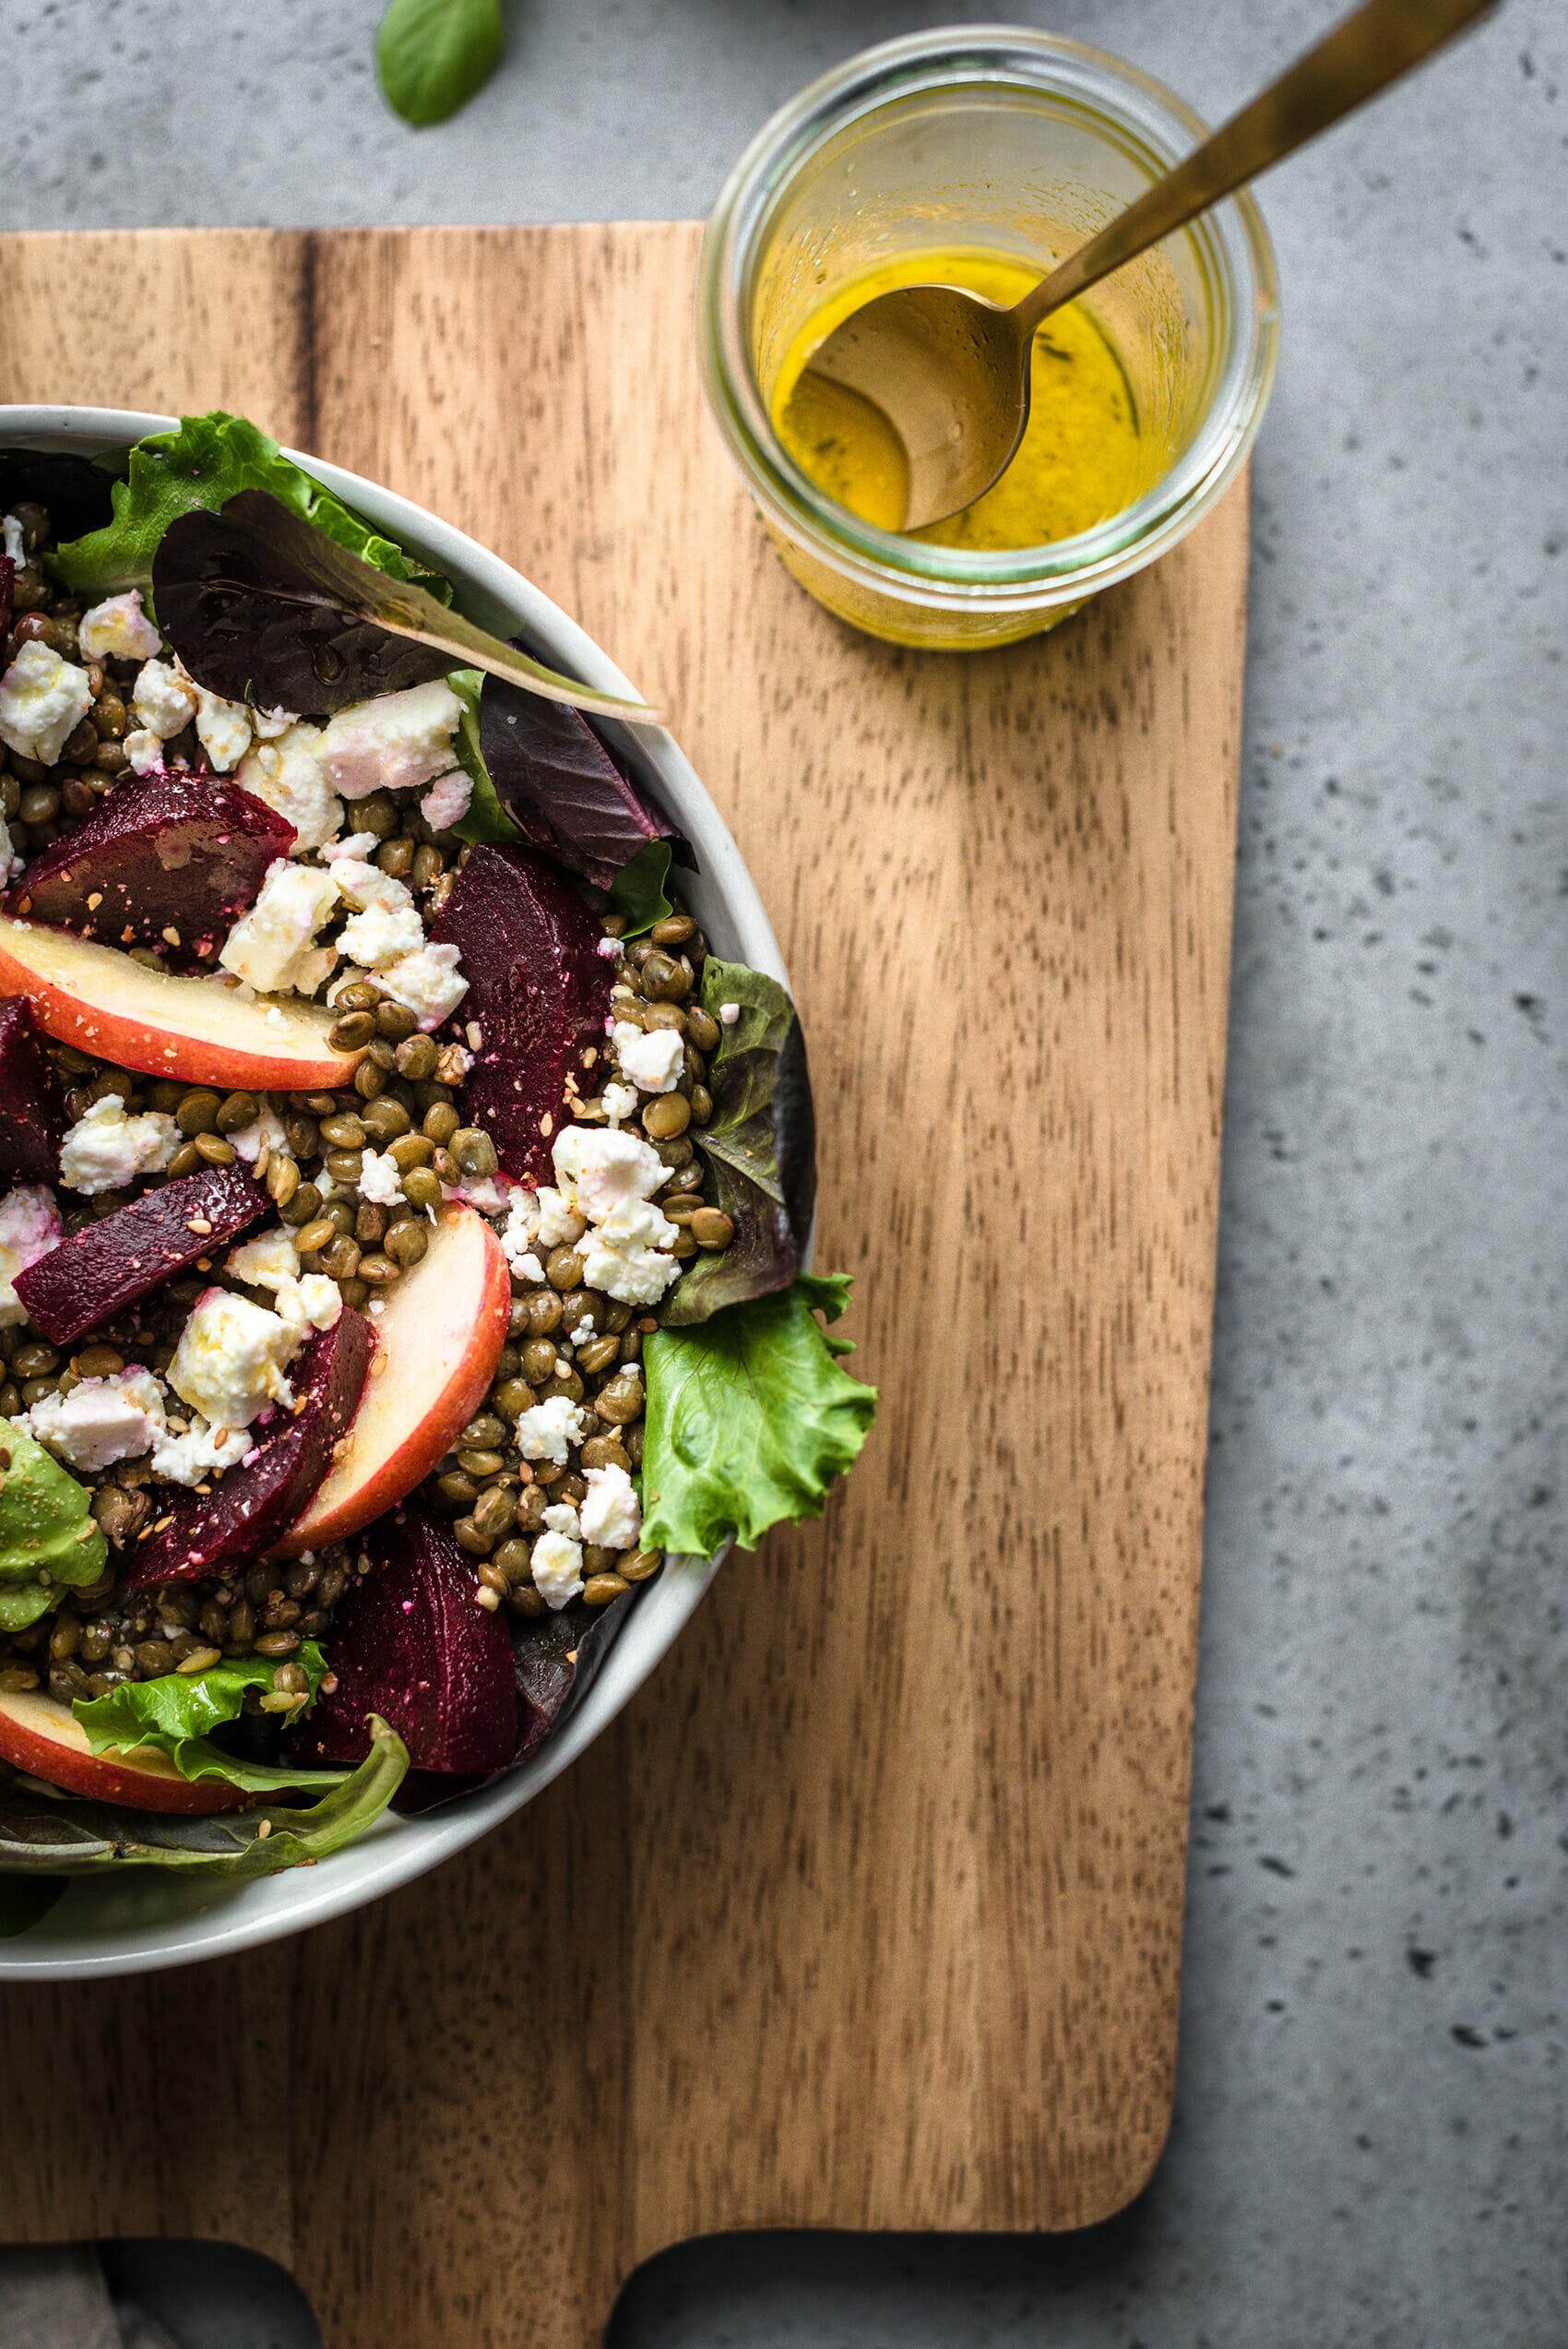 Salade complète lentilles vertes betteraves avocat feta - Lilie Bakery